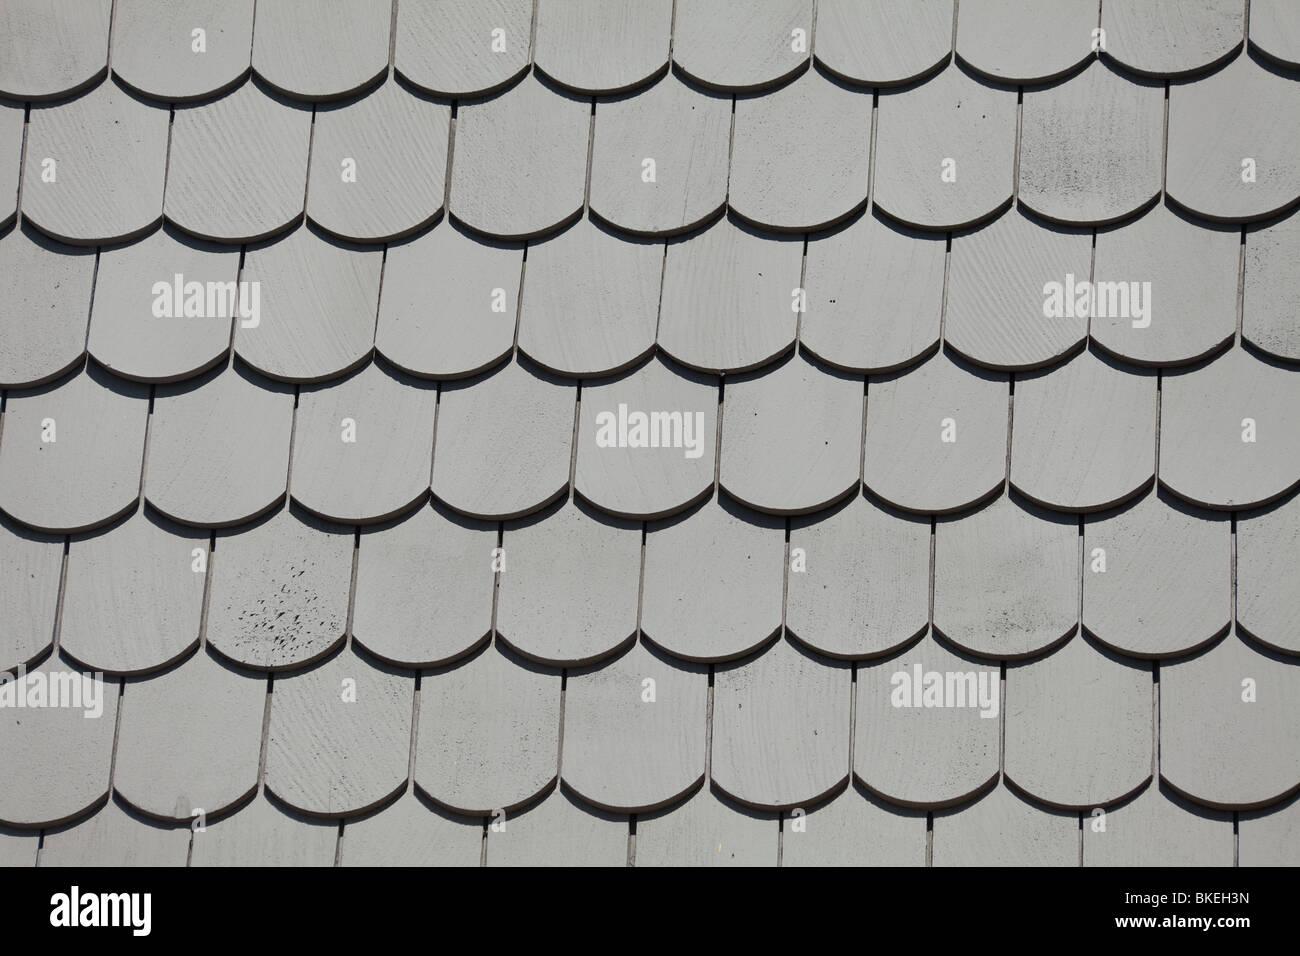 Patrón de pared de madera para el fondo Imagen De Stock